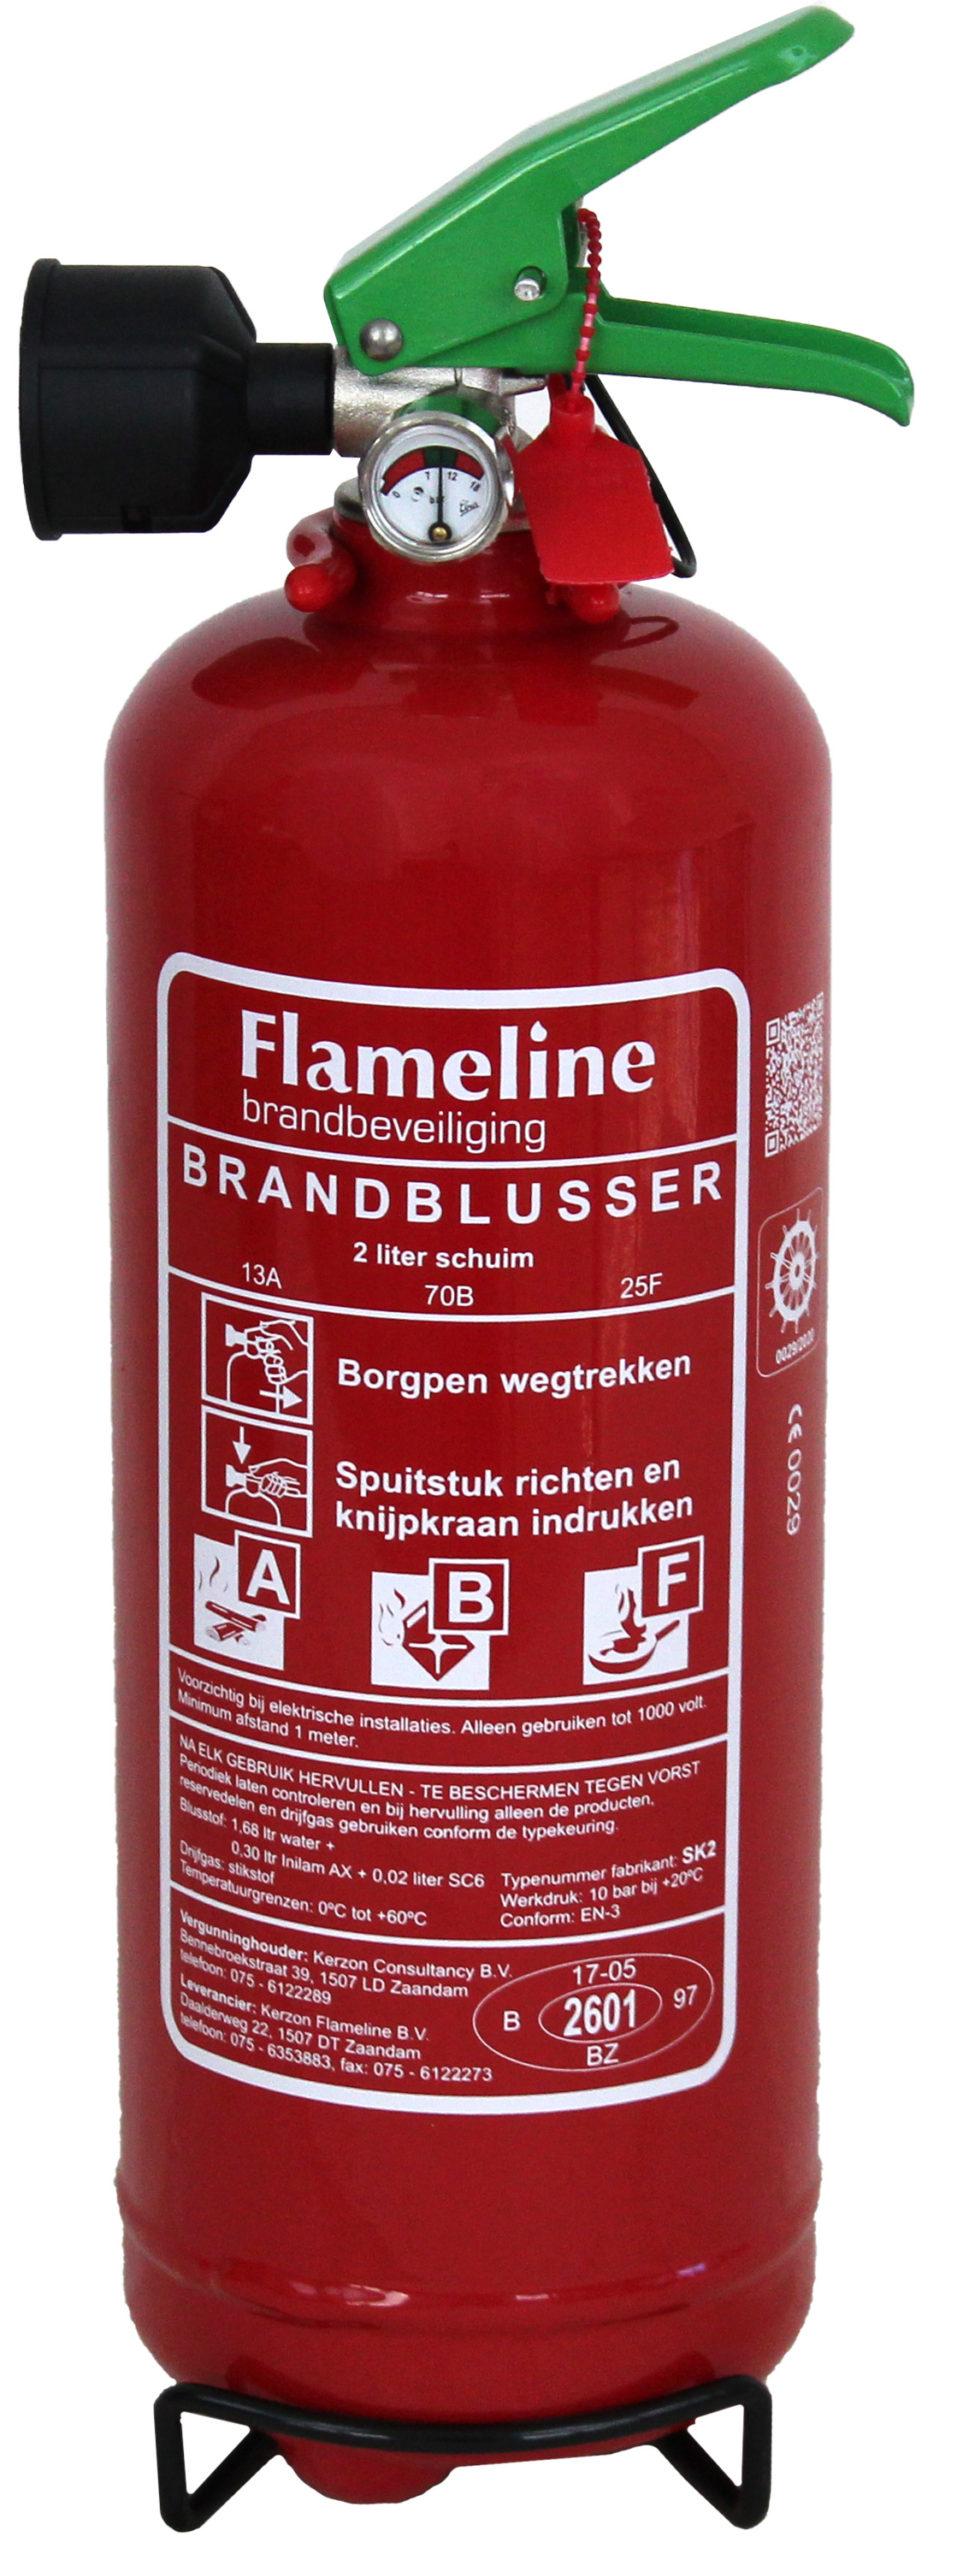 SK2 Schuim+ vet blustoestel 2 liter rating 13A-70B-40F